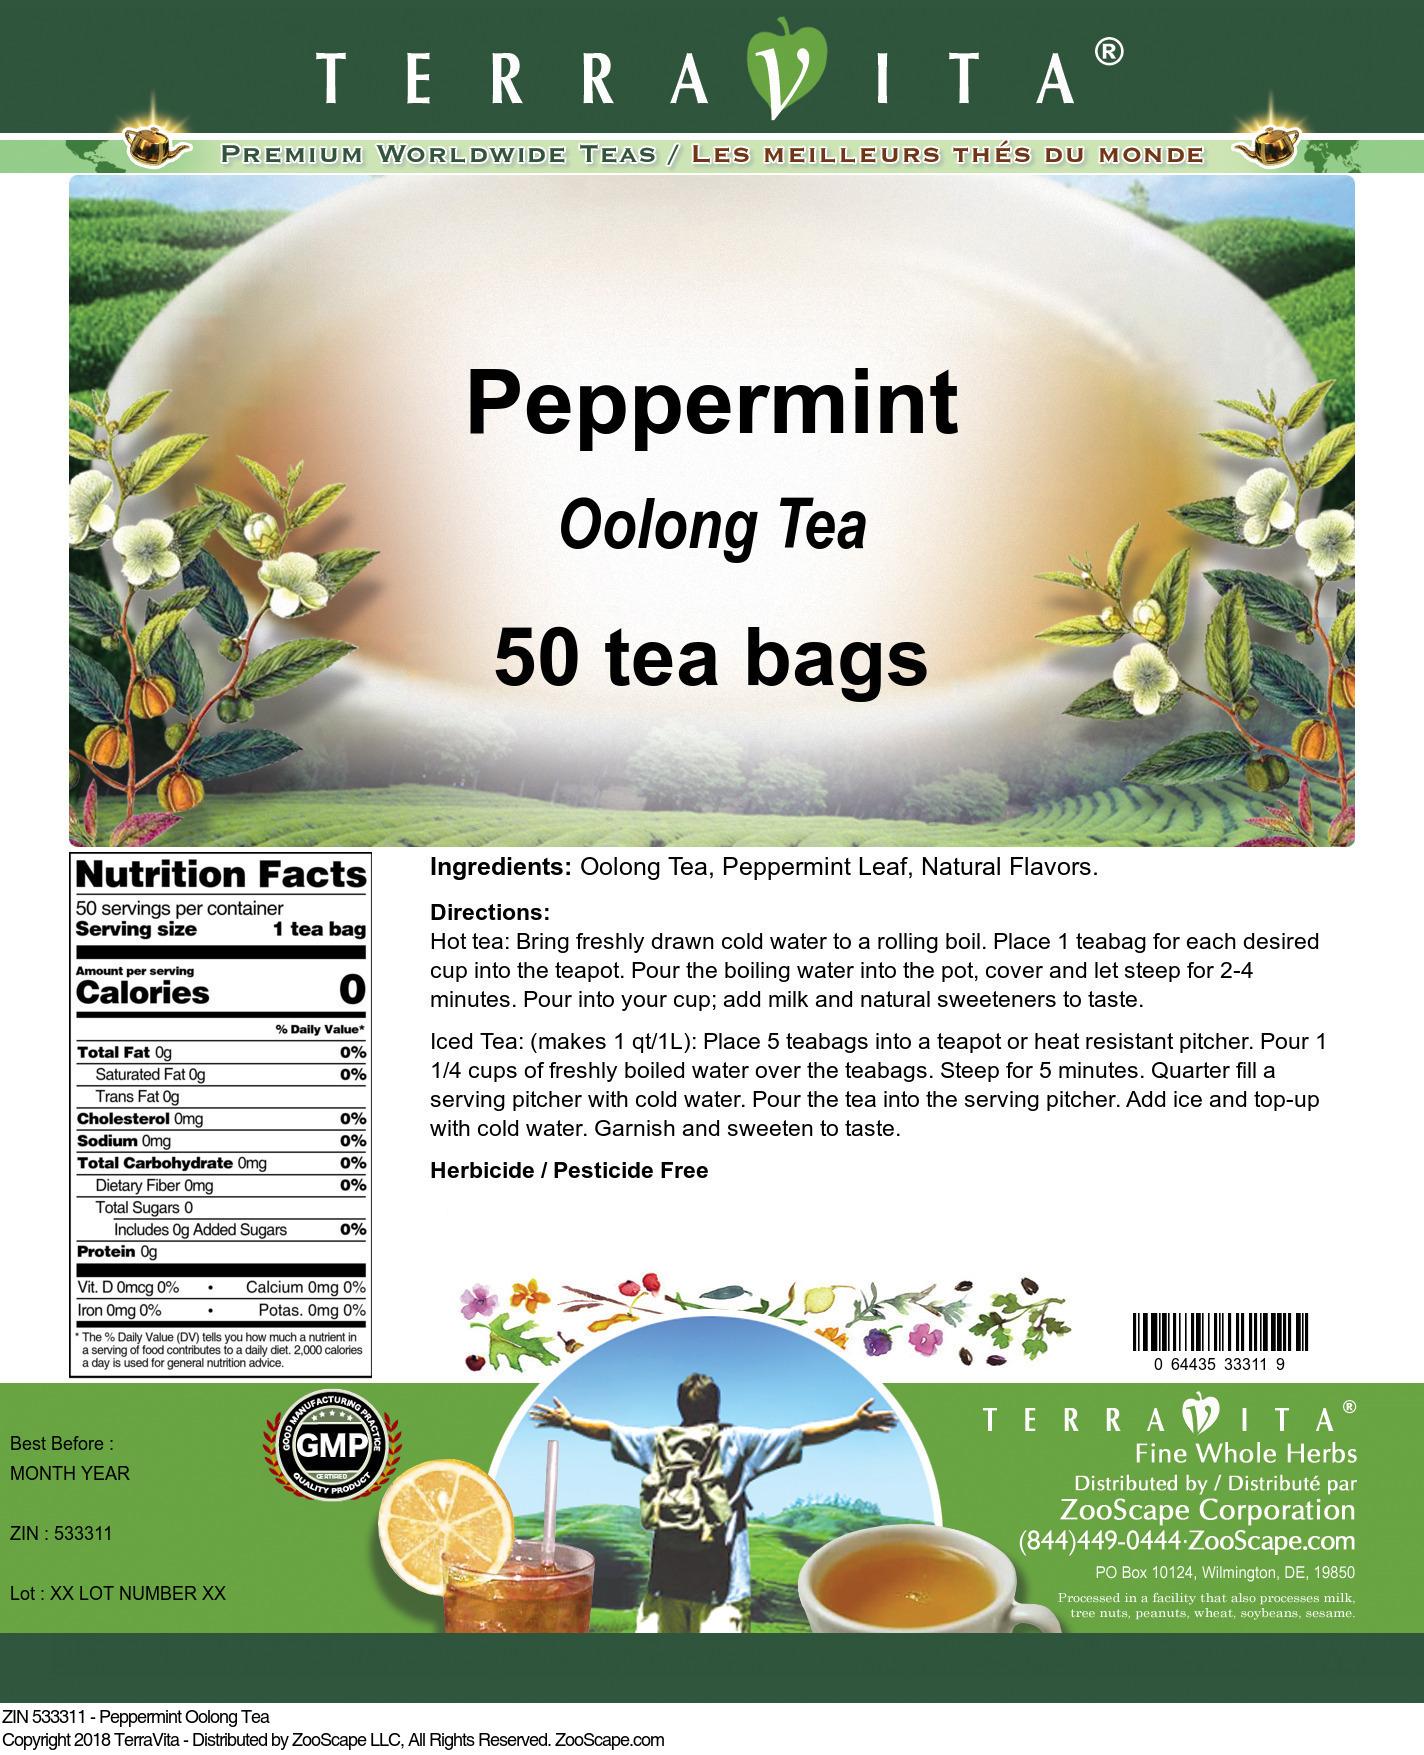 Peppermint Oolong Tea